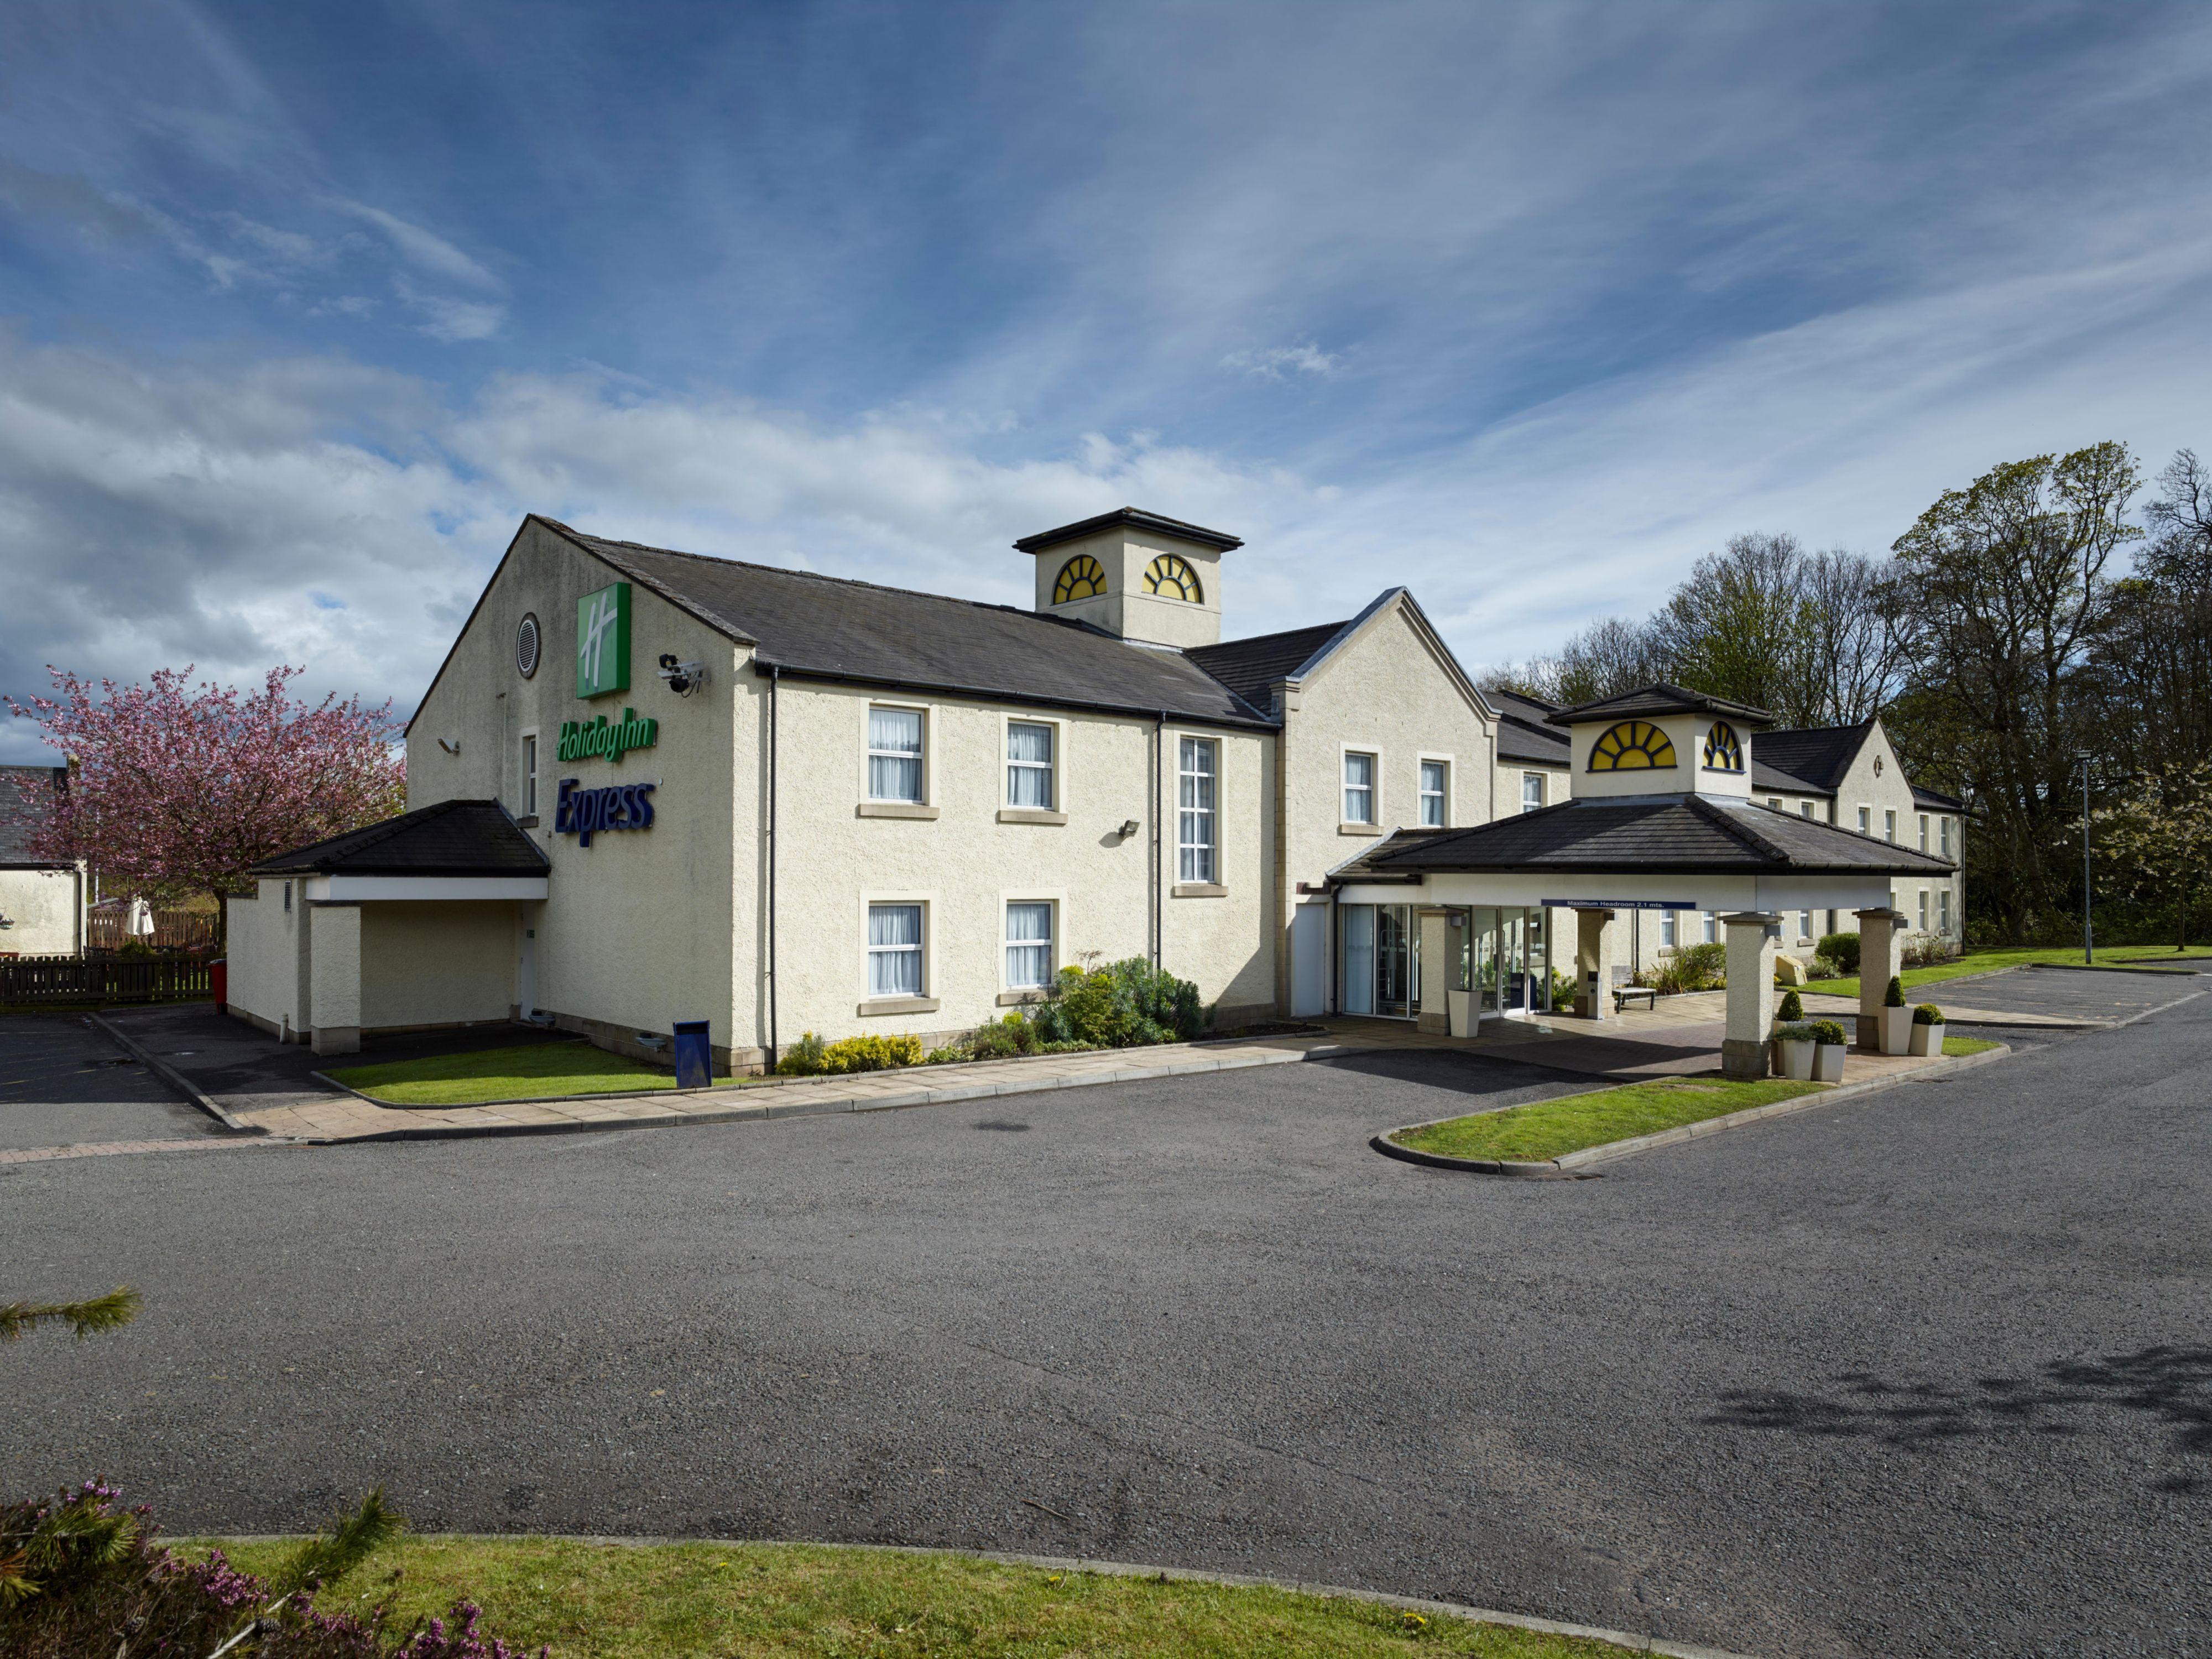 Preisgünstige Holiday Inn Express Hotels von IHG in Perth